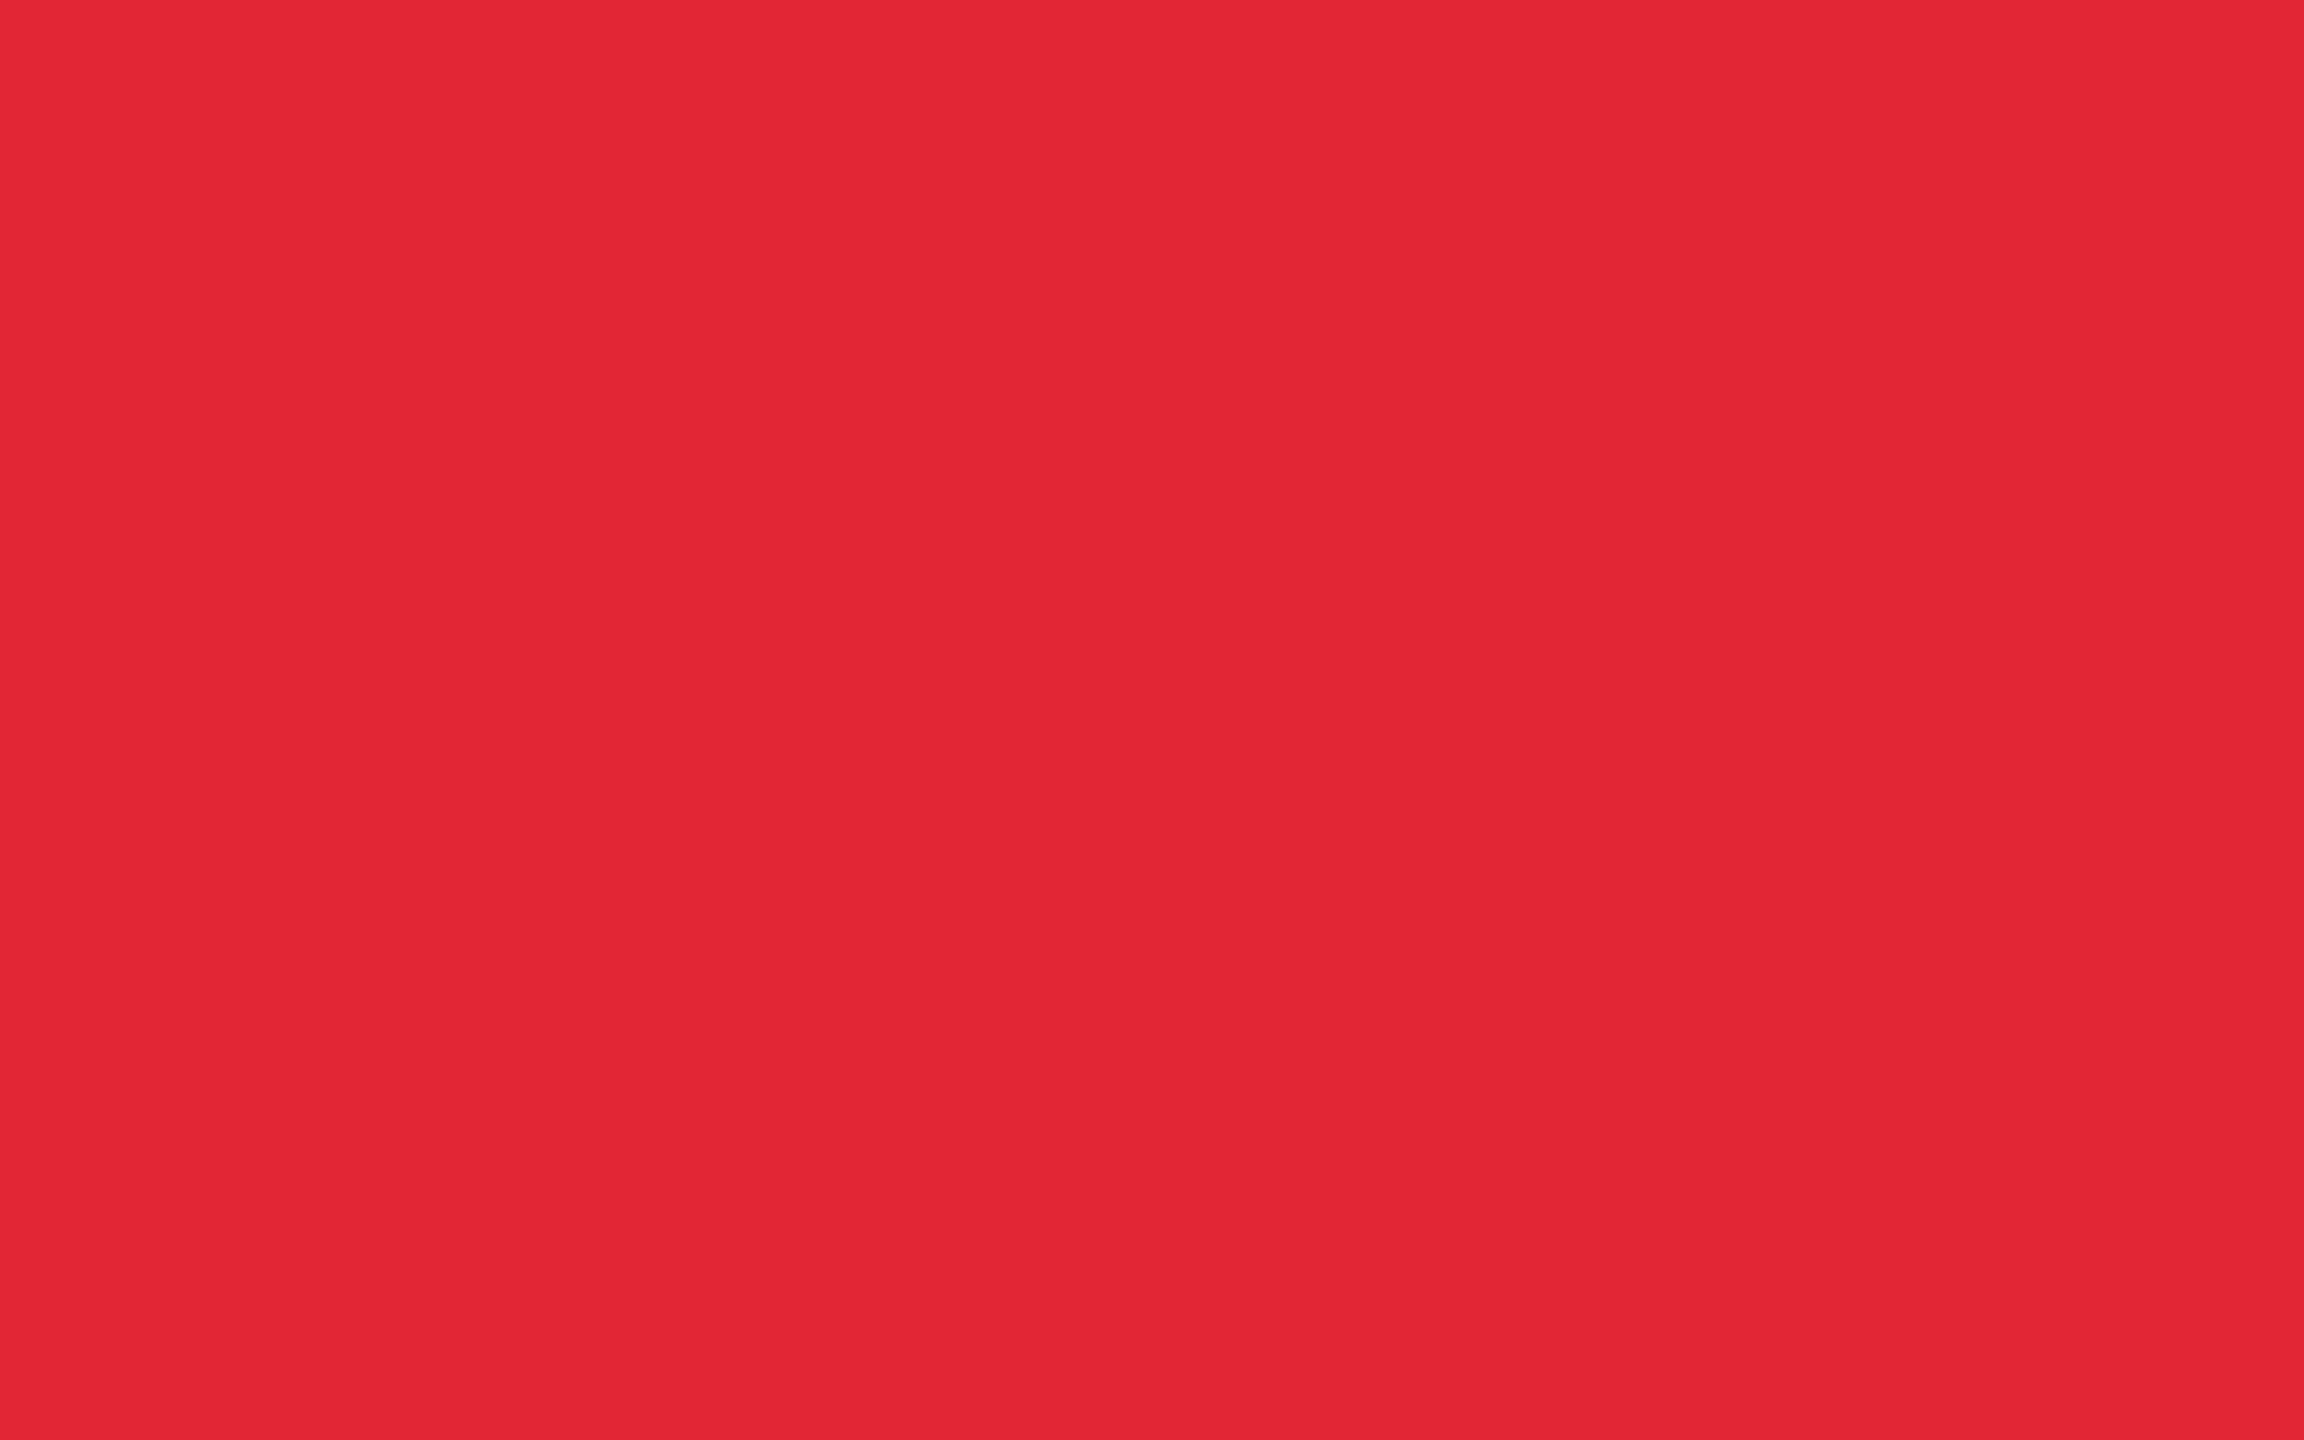 2304x1440 Alizarin Crimson Solid Color Background